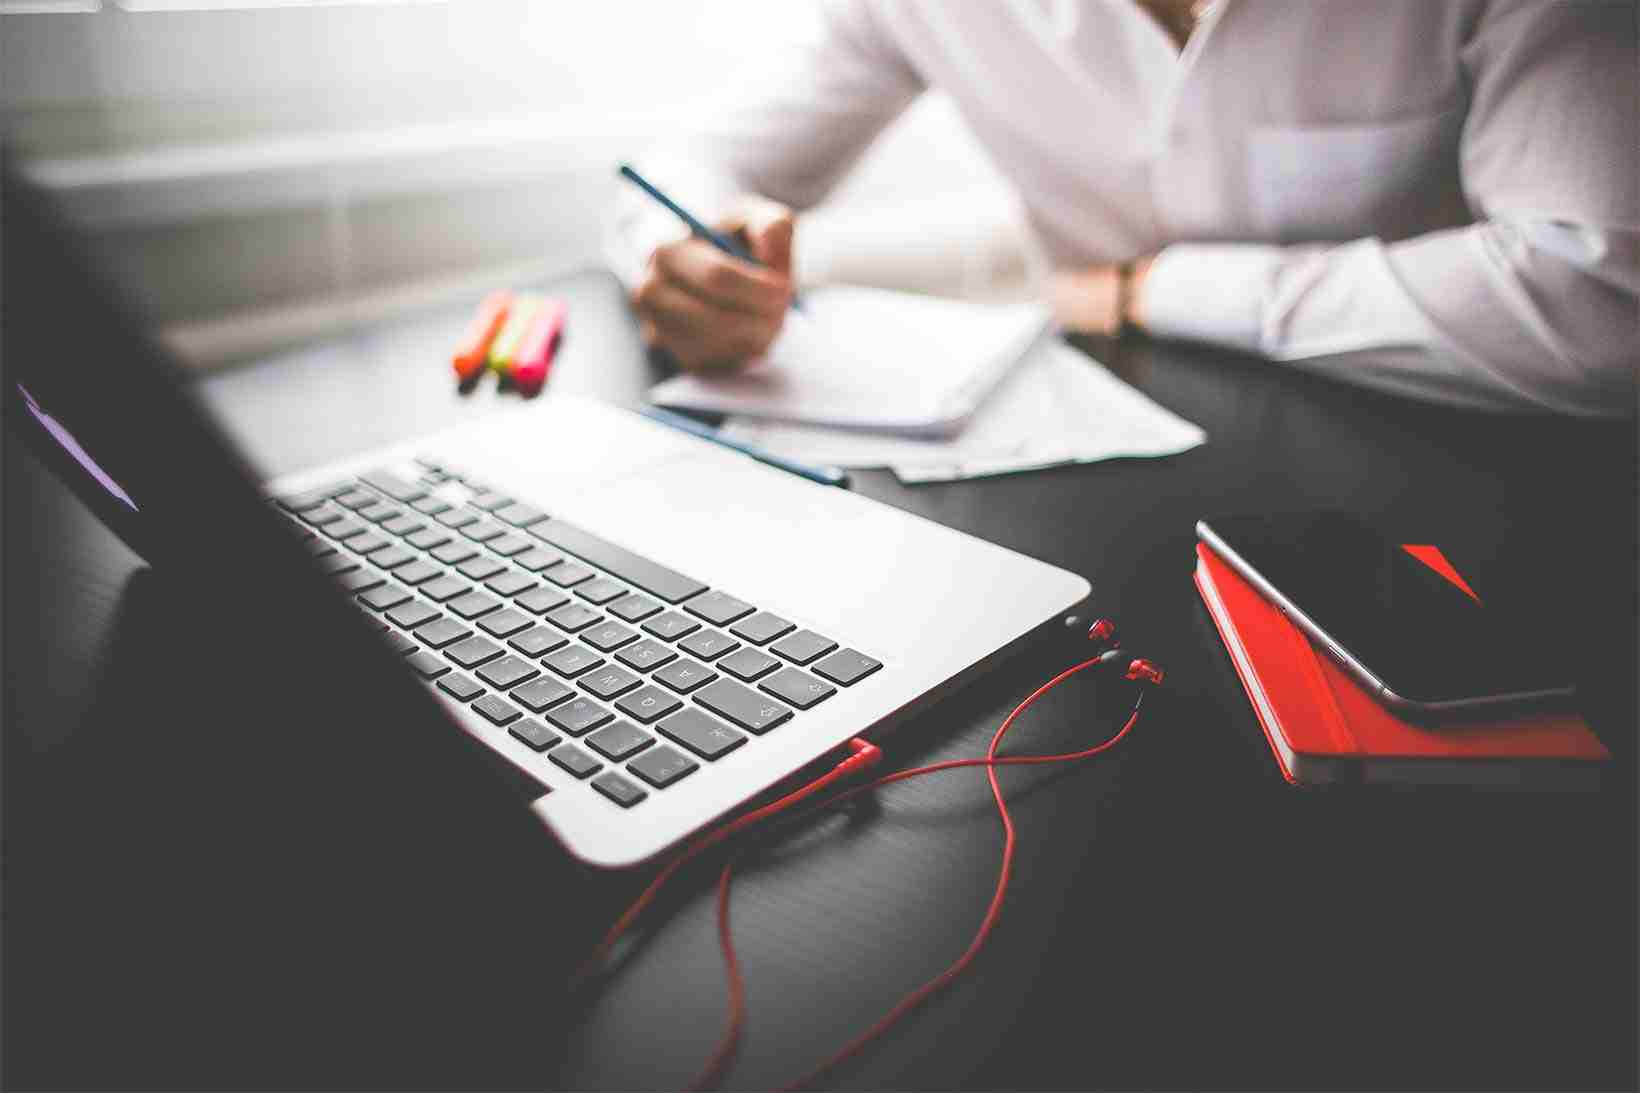 Arbeitsplan Vorlage Excel: kostenloser Download | Papershift